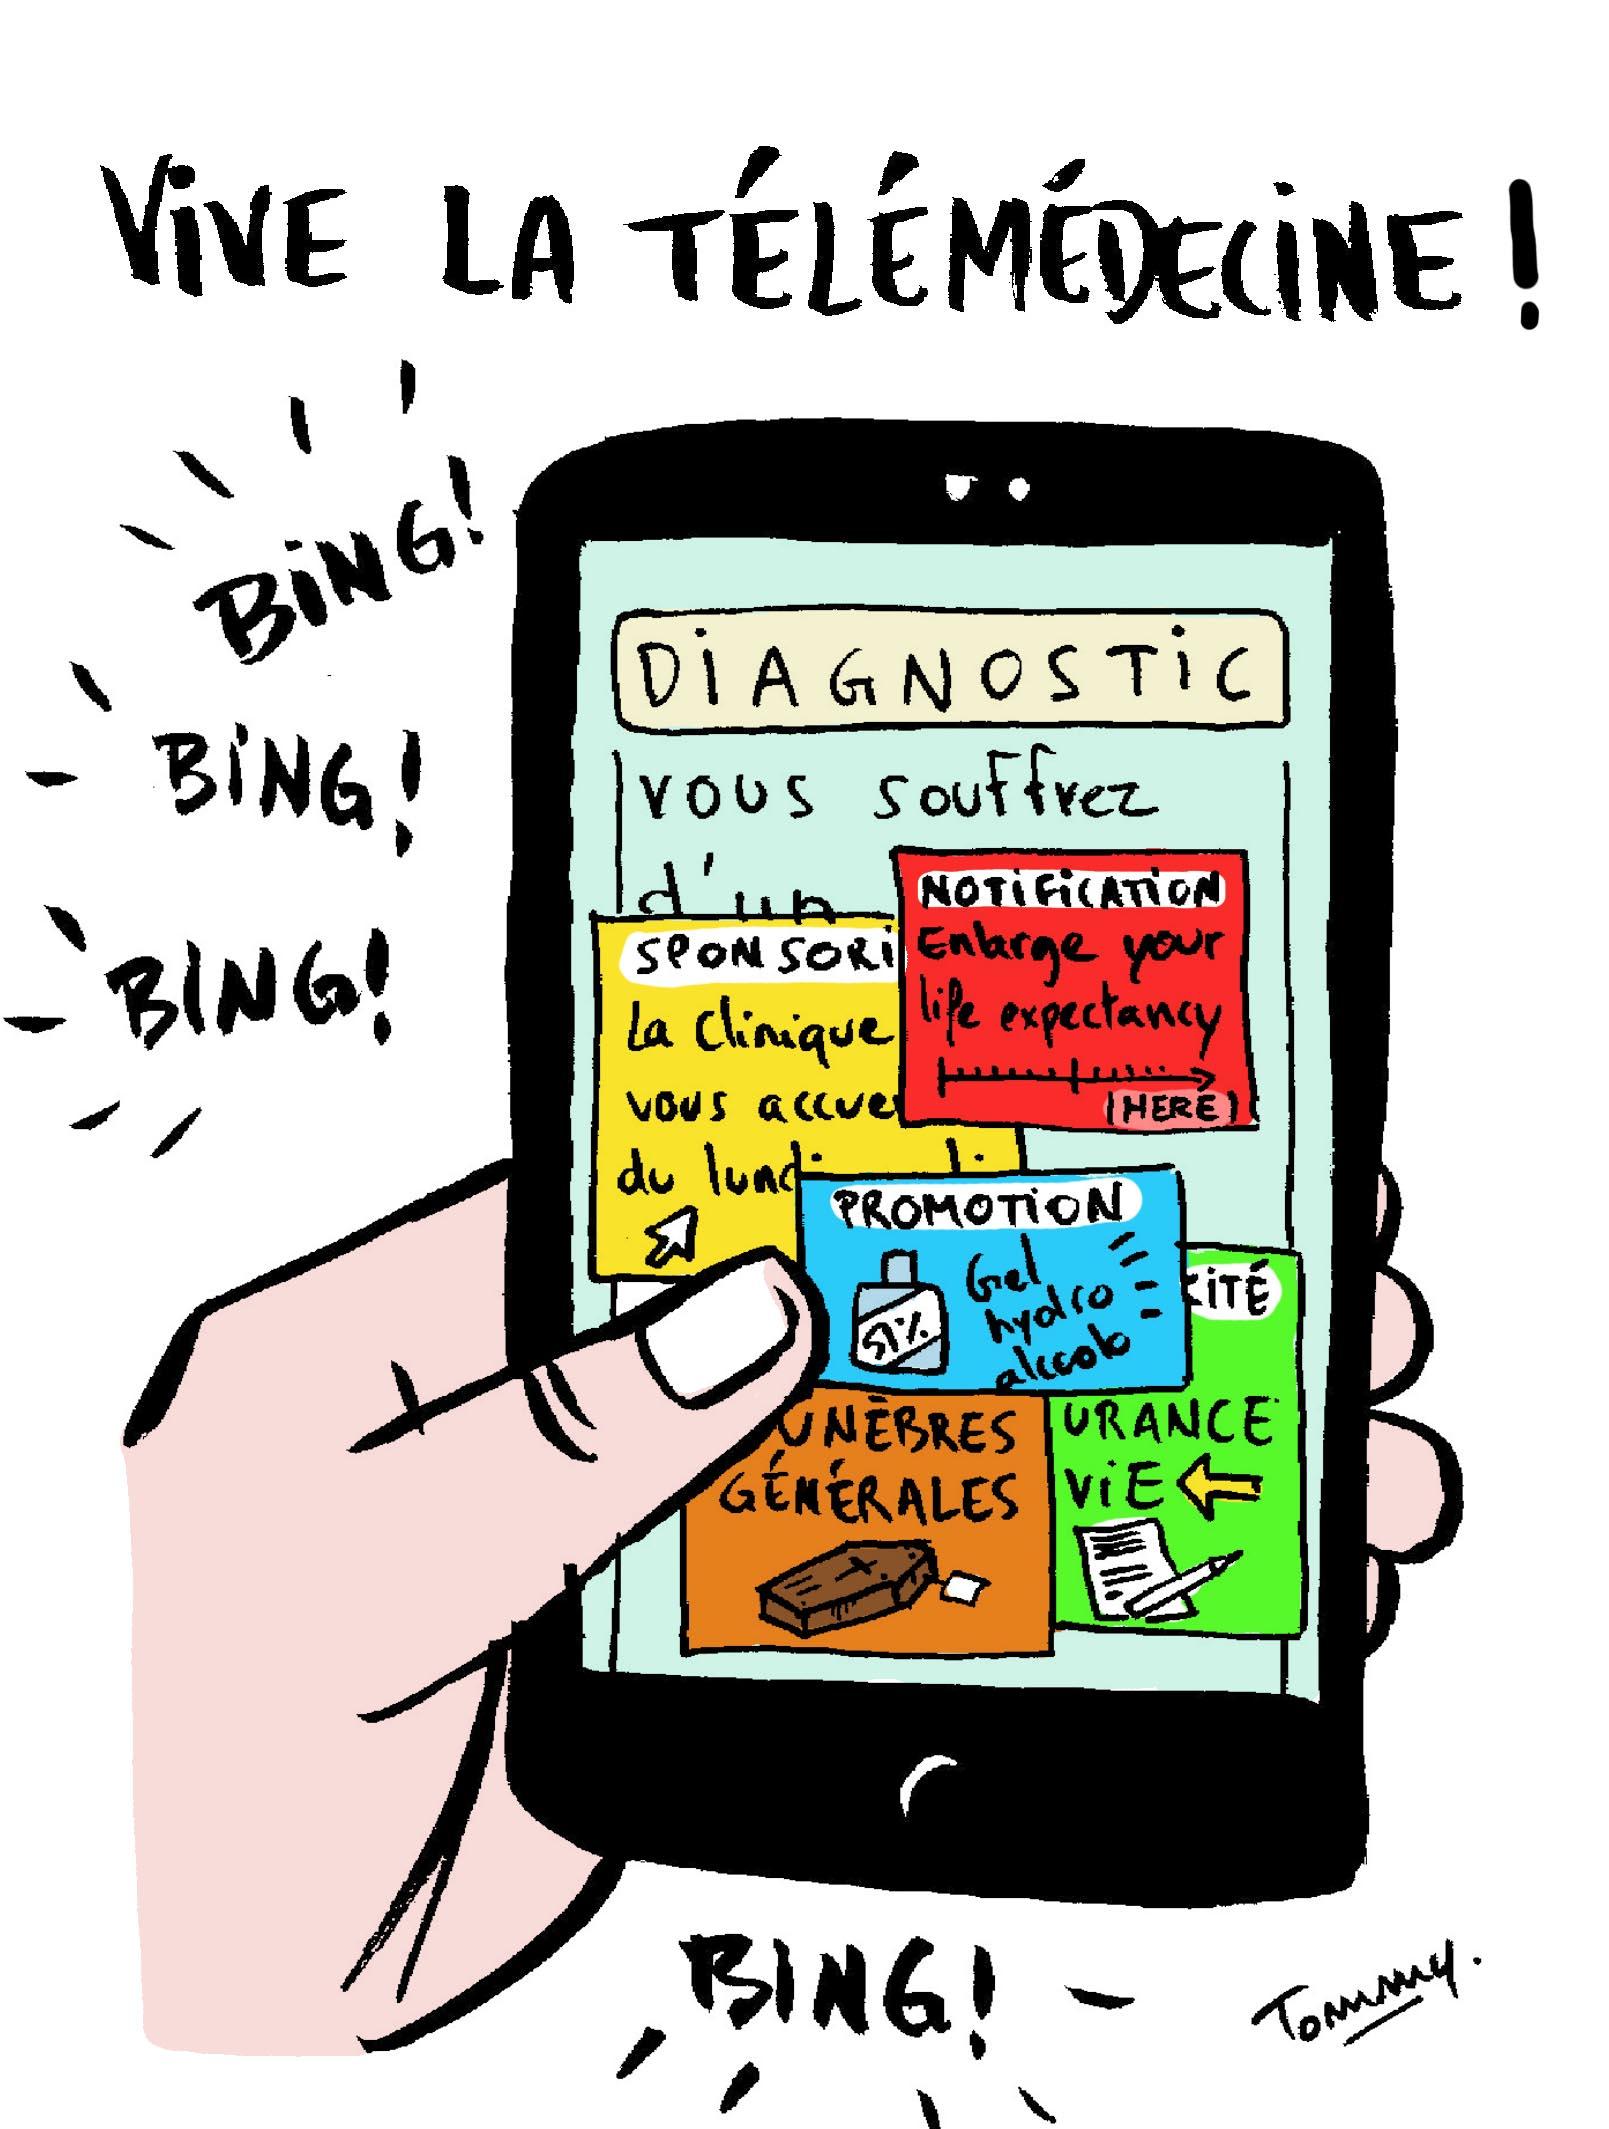 Vive la télémédecine !